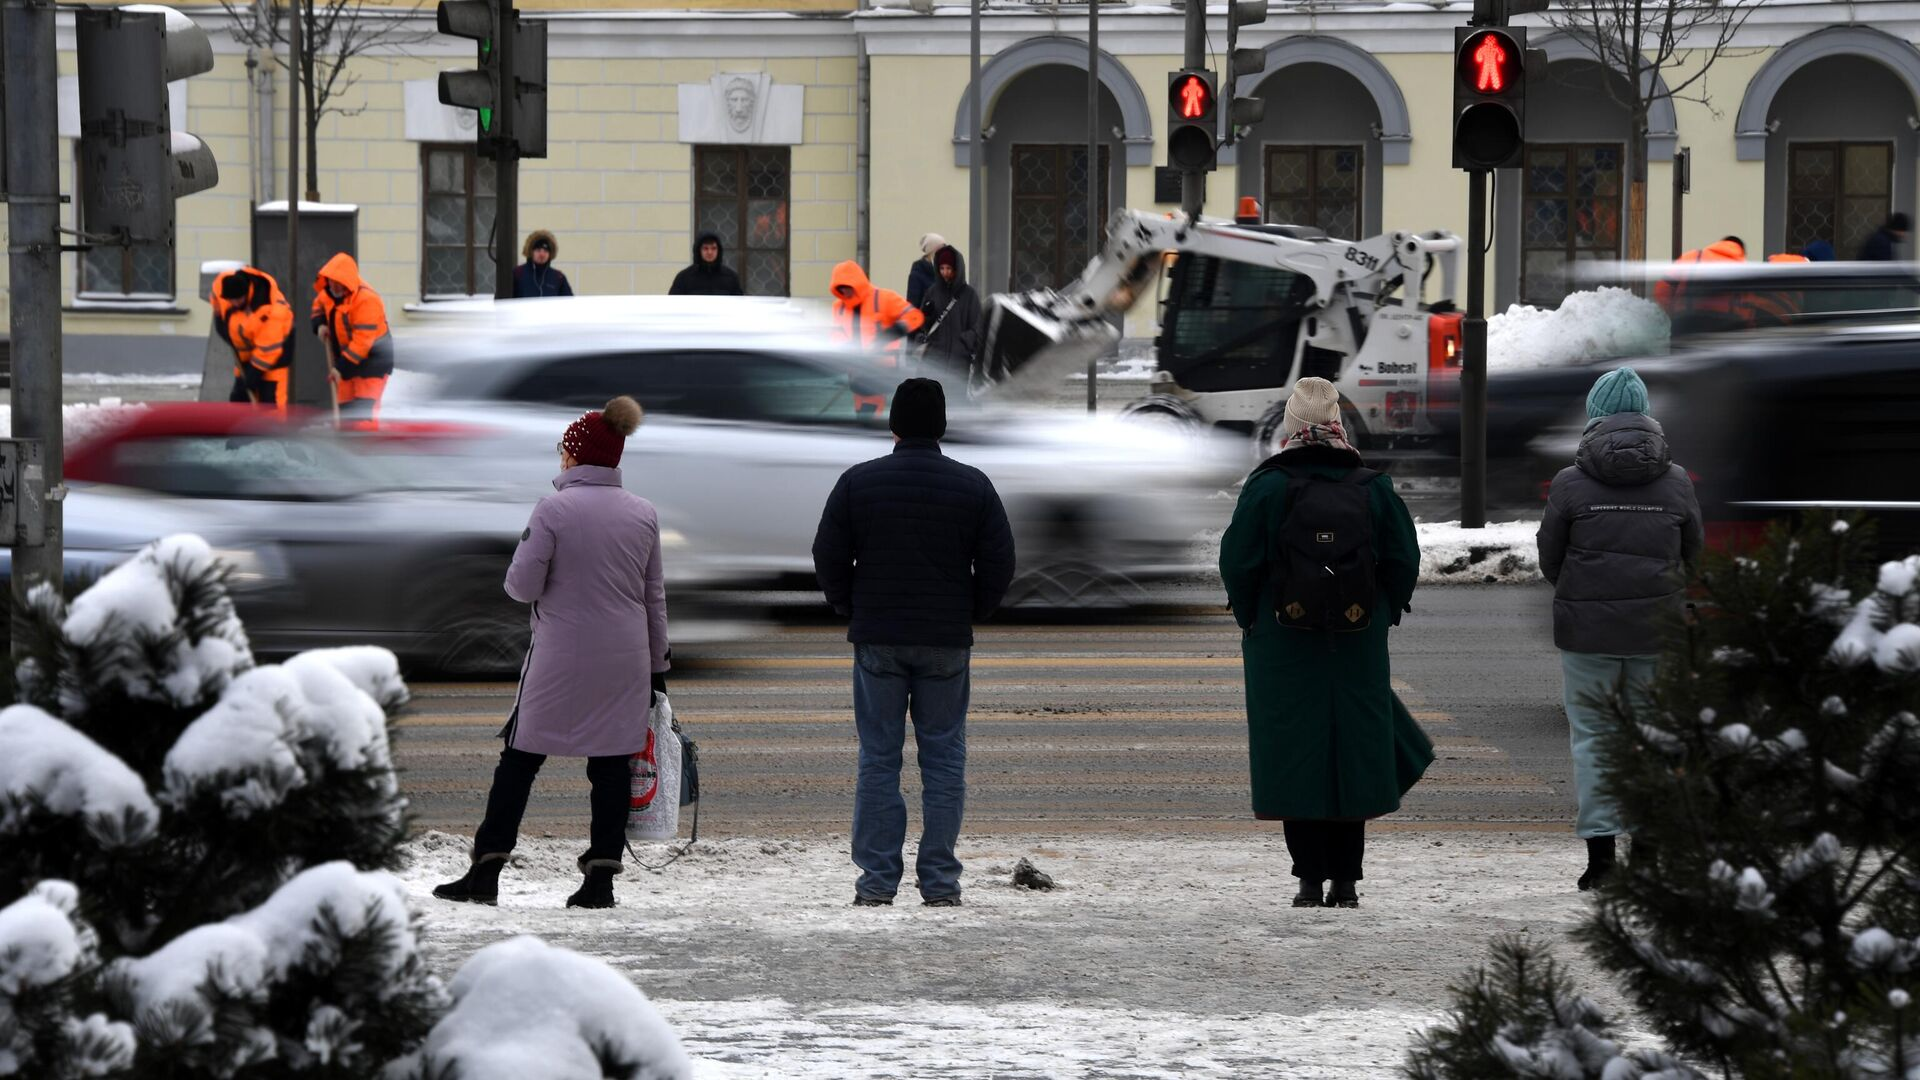 Люди переходят дорогу на одной из улиц в Москве - РИА Новости, 1920, 18.01.2021